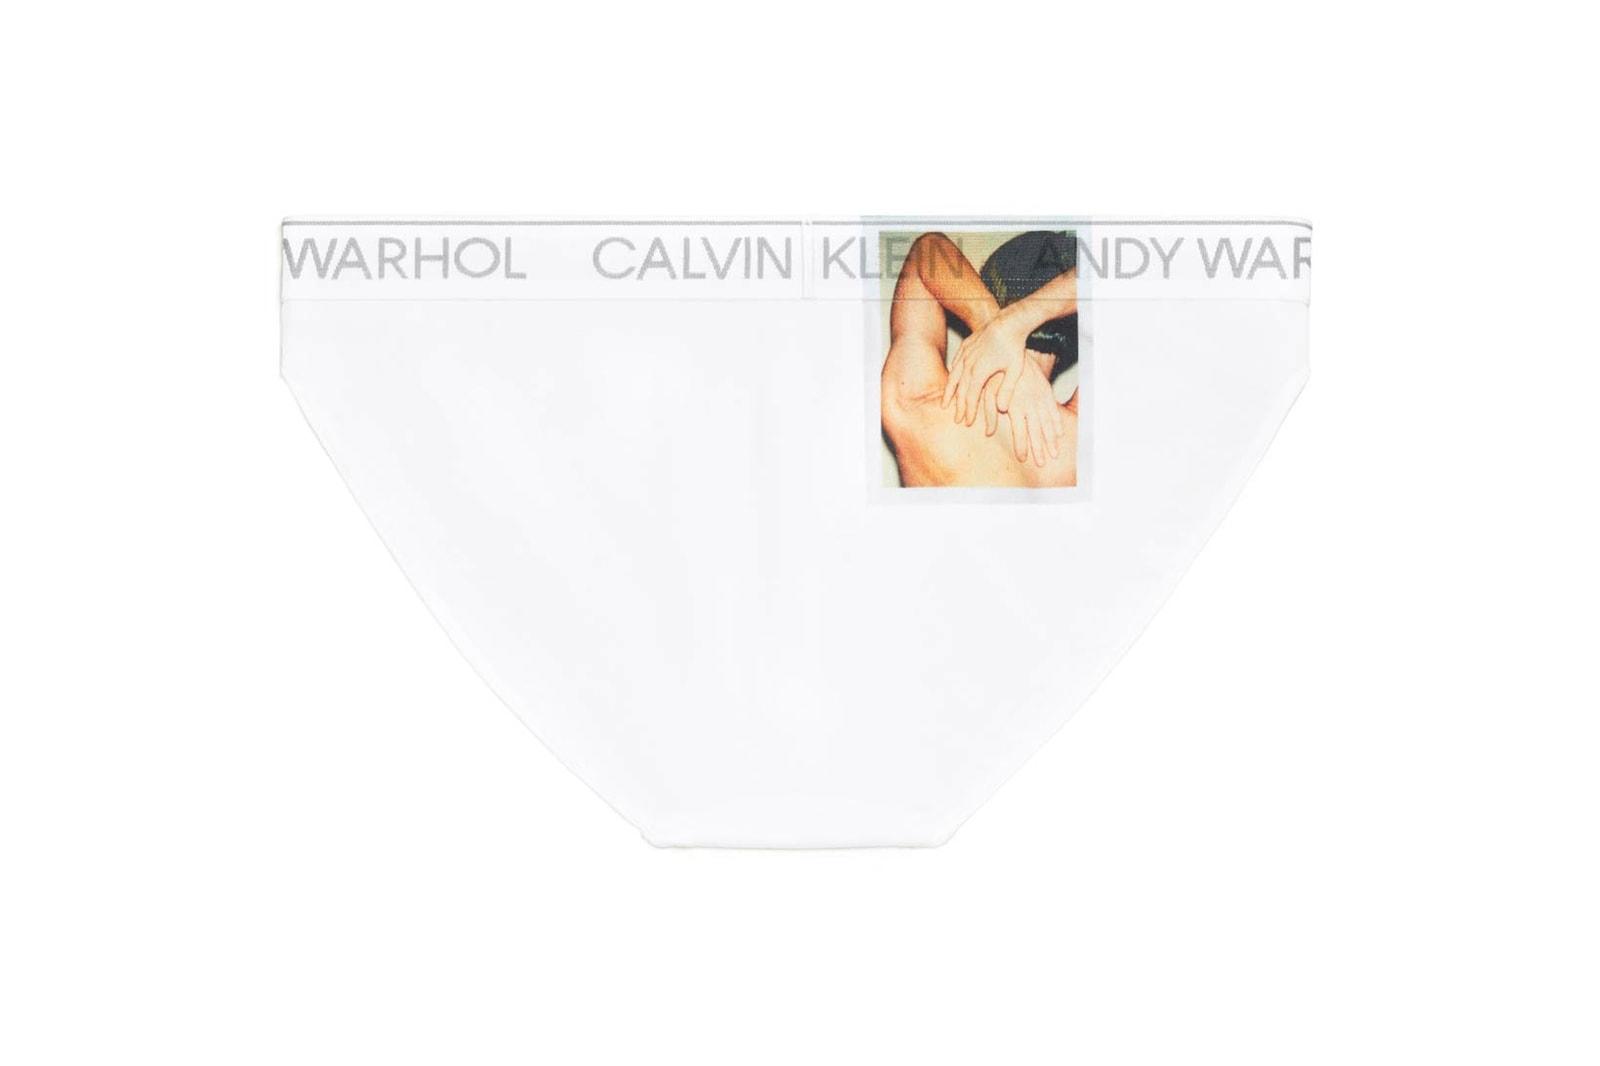 Calvin Klein Underwear Andy Warhol Bras Tanks T Shirts White Lookbook